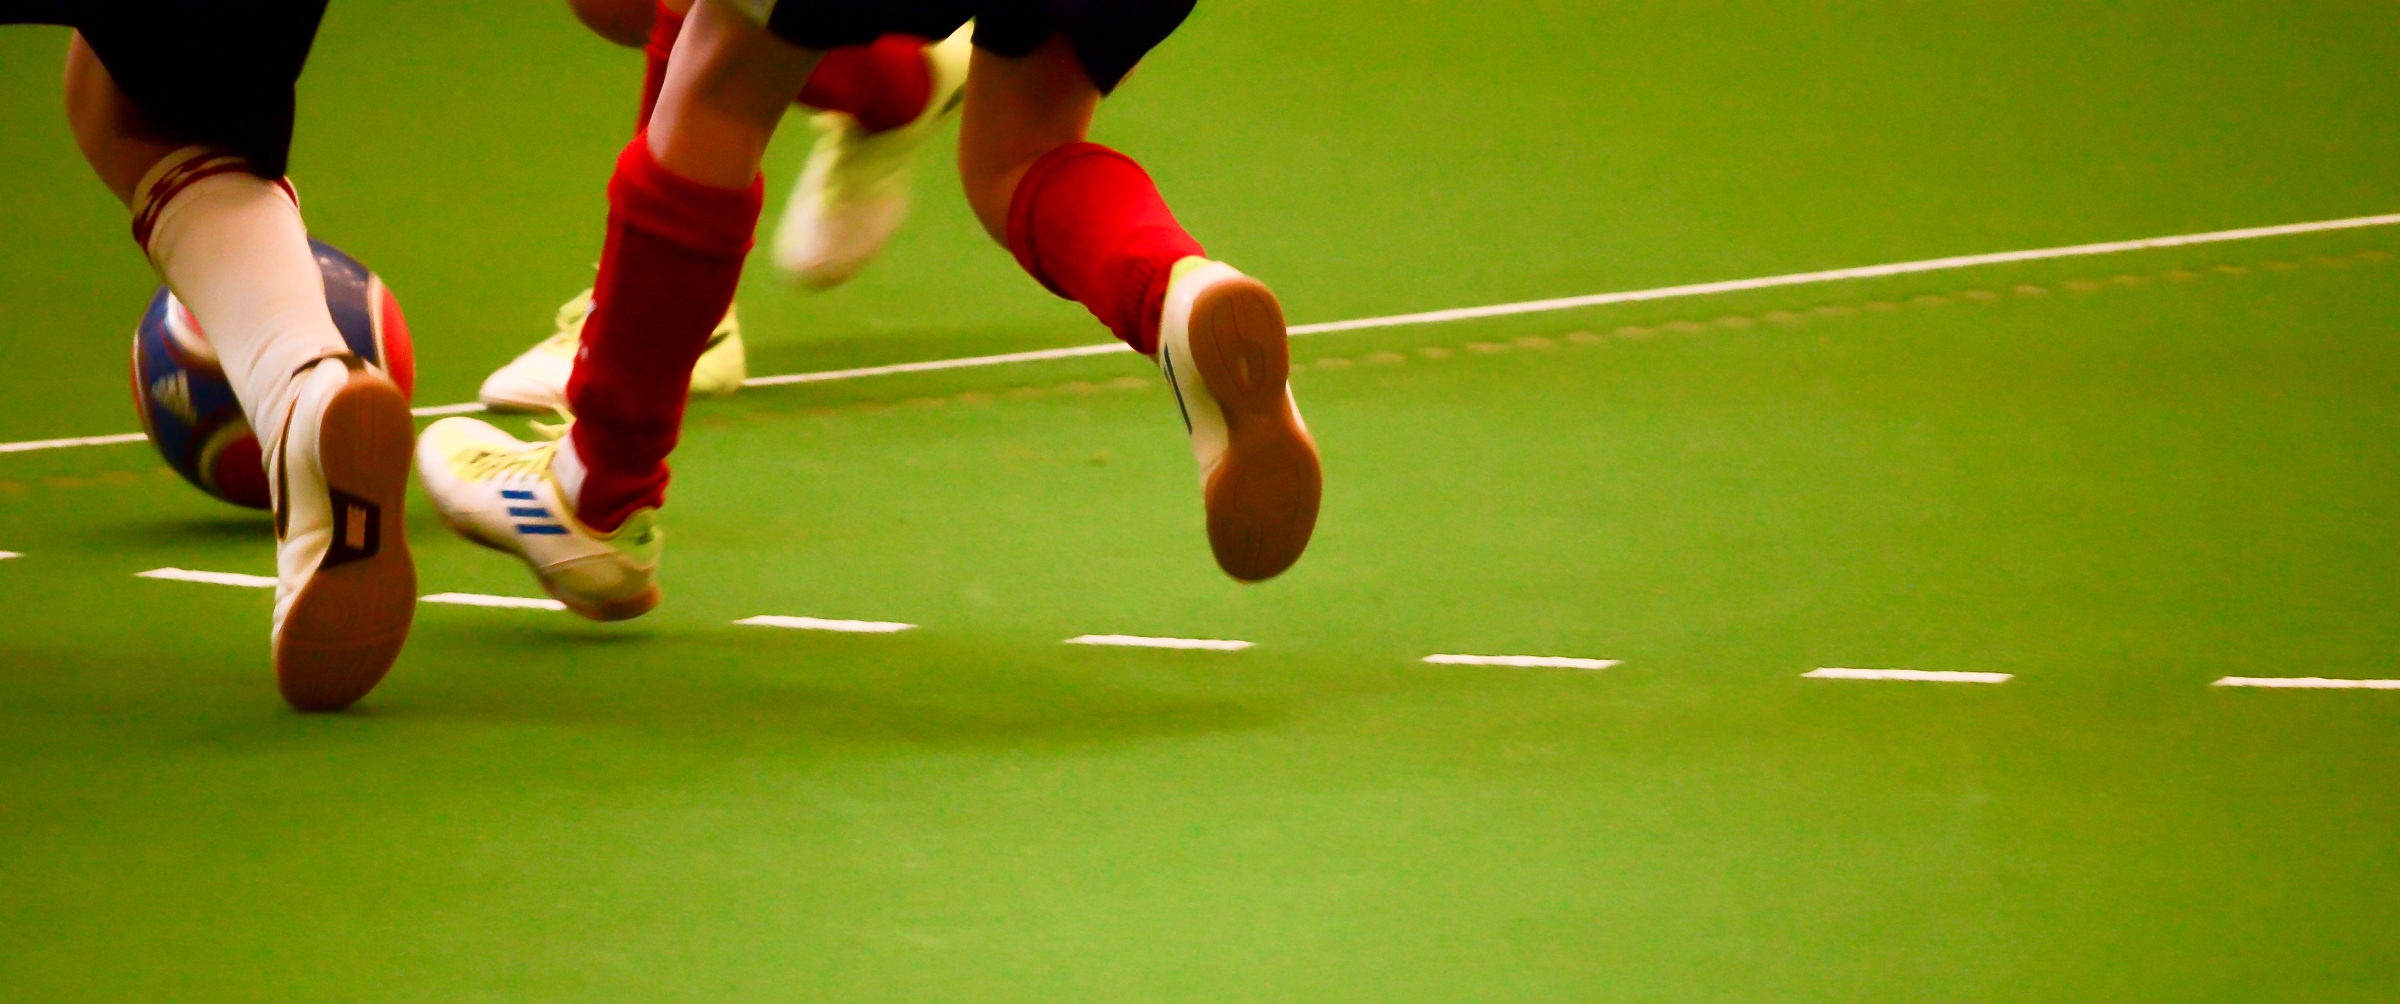 Soccer-0209